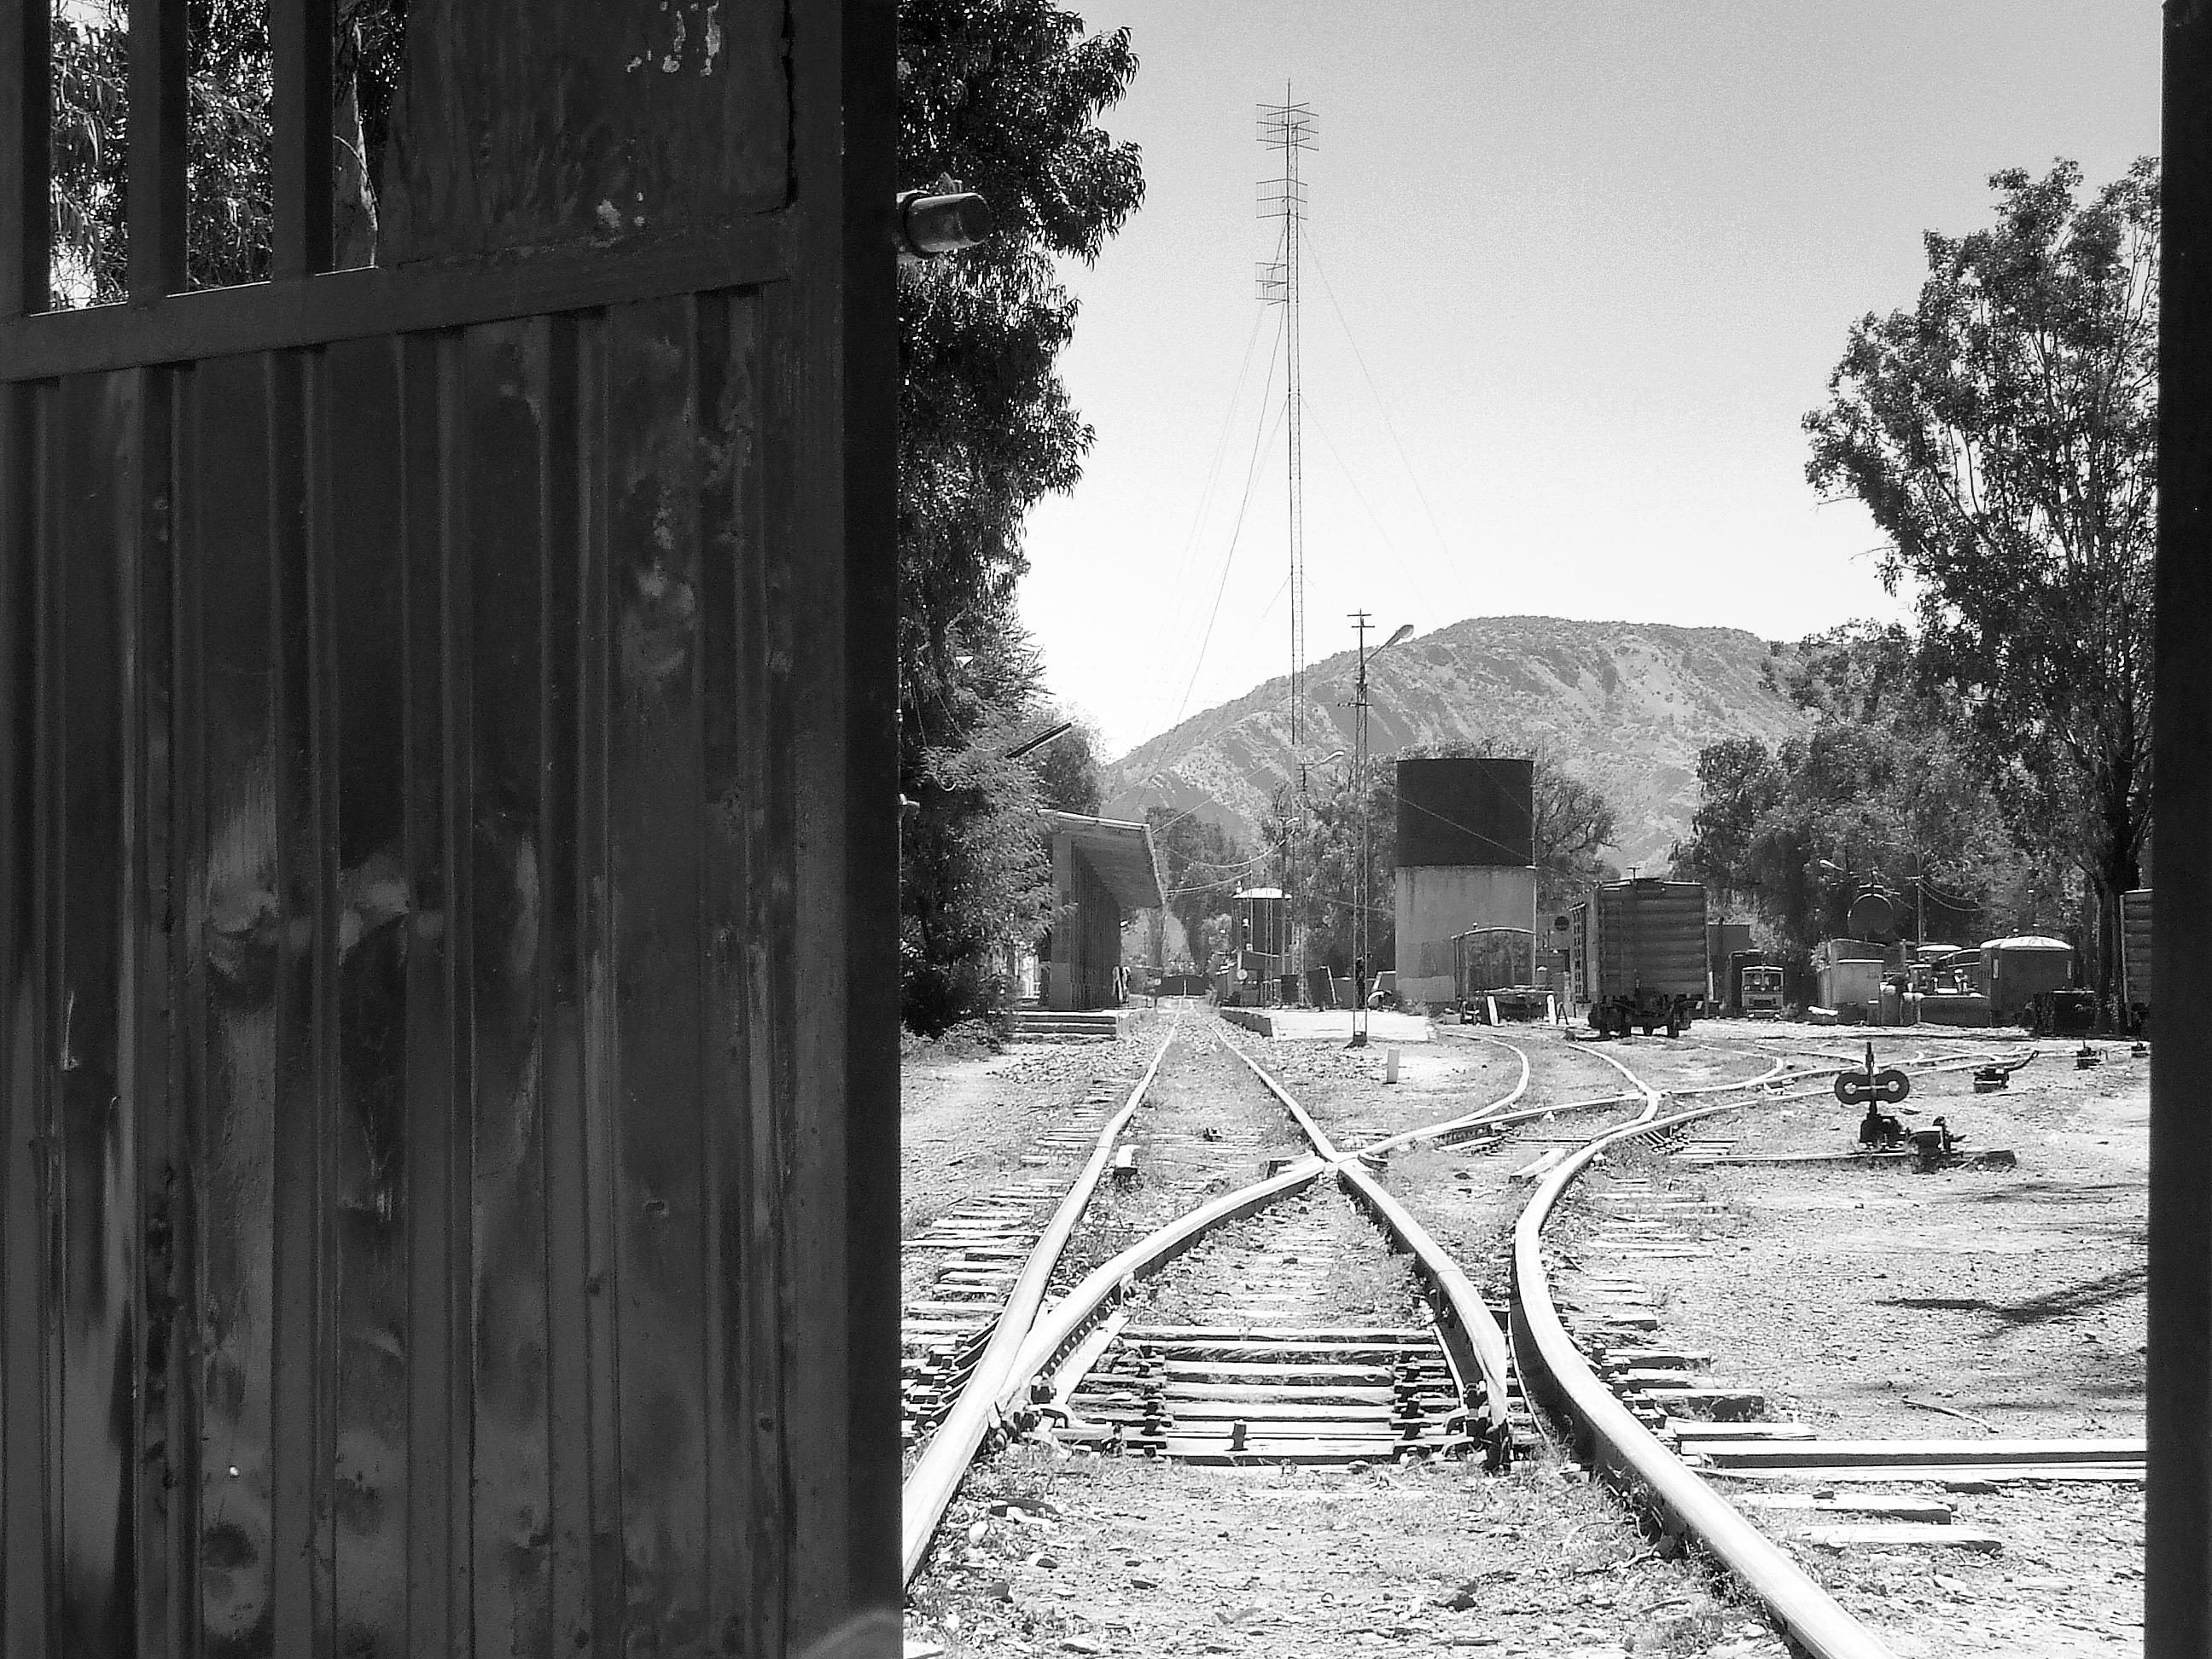 Estación del ferrocarril Tupiza, Potosí, Bolivia